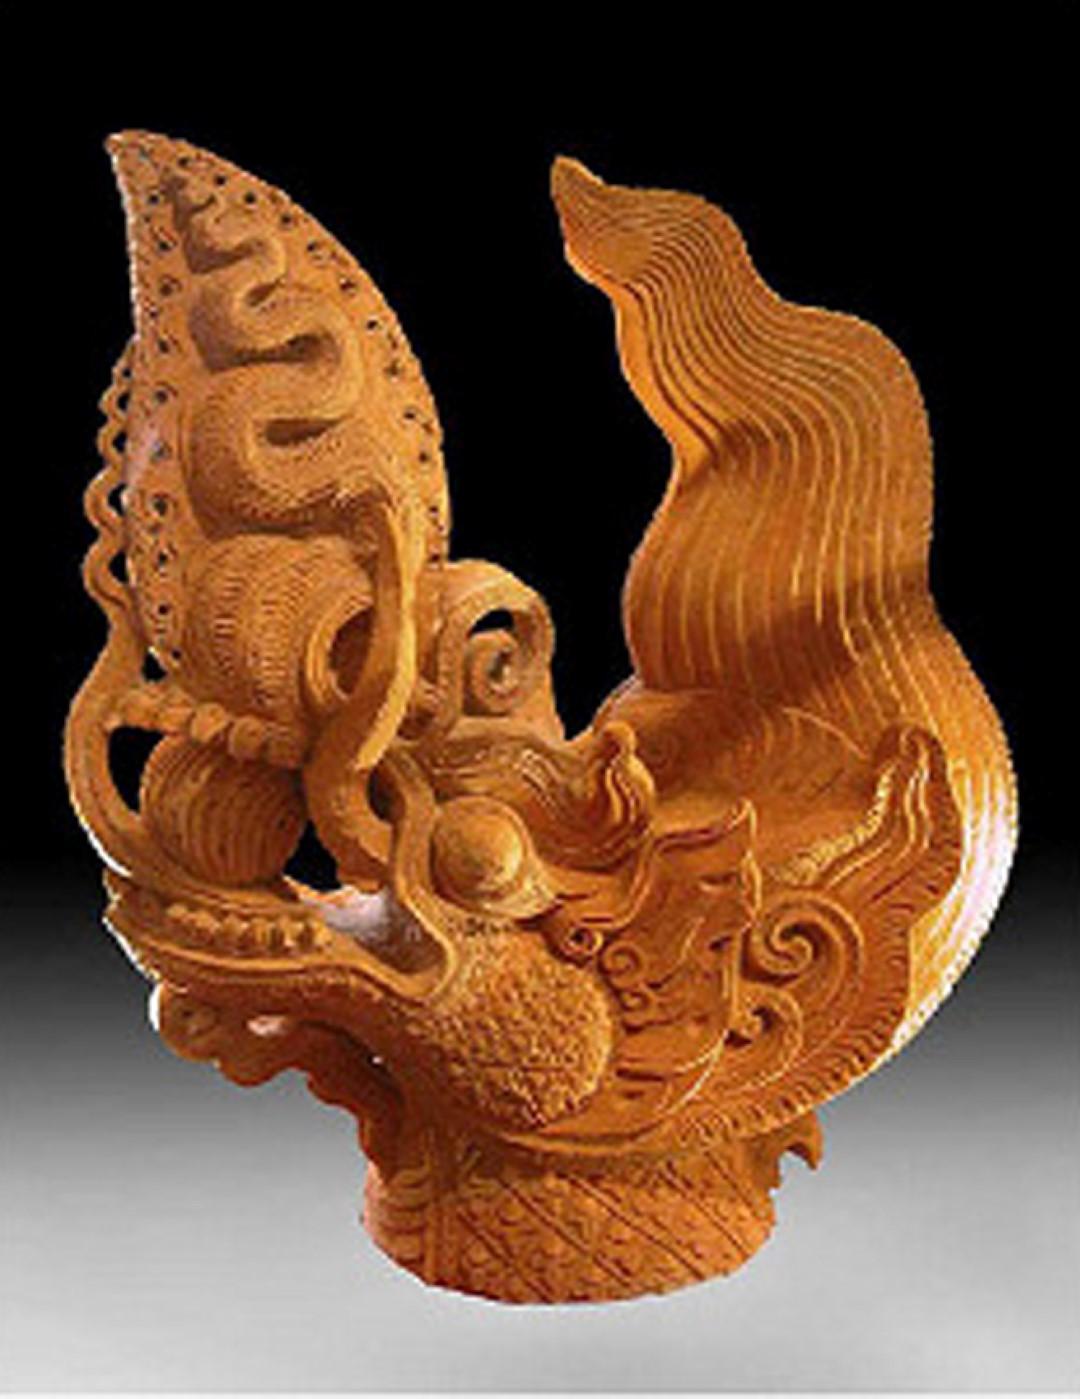 [Cổ vật tinh hoa: http://covattinhhoa.vn/] Đồ án trang trí đầu mái hình rồng bằng đất nung khai quật ở Hoàng Thành Thăng Long. Ảnh: T.Đ.A.S.